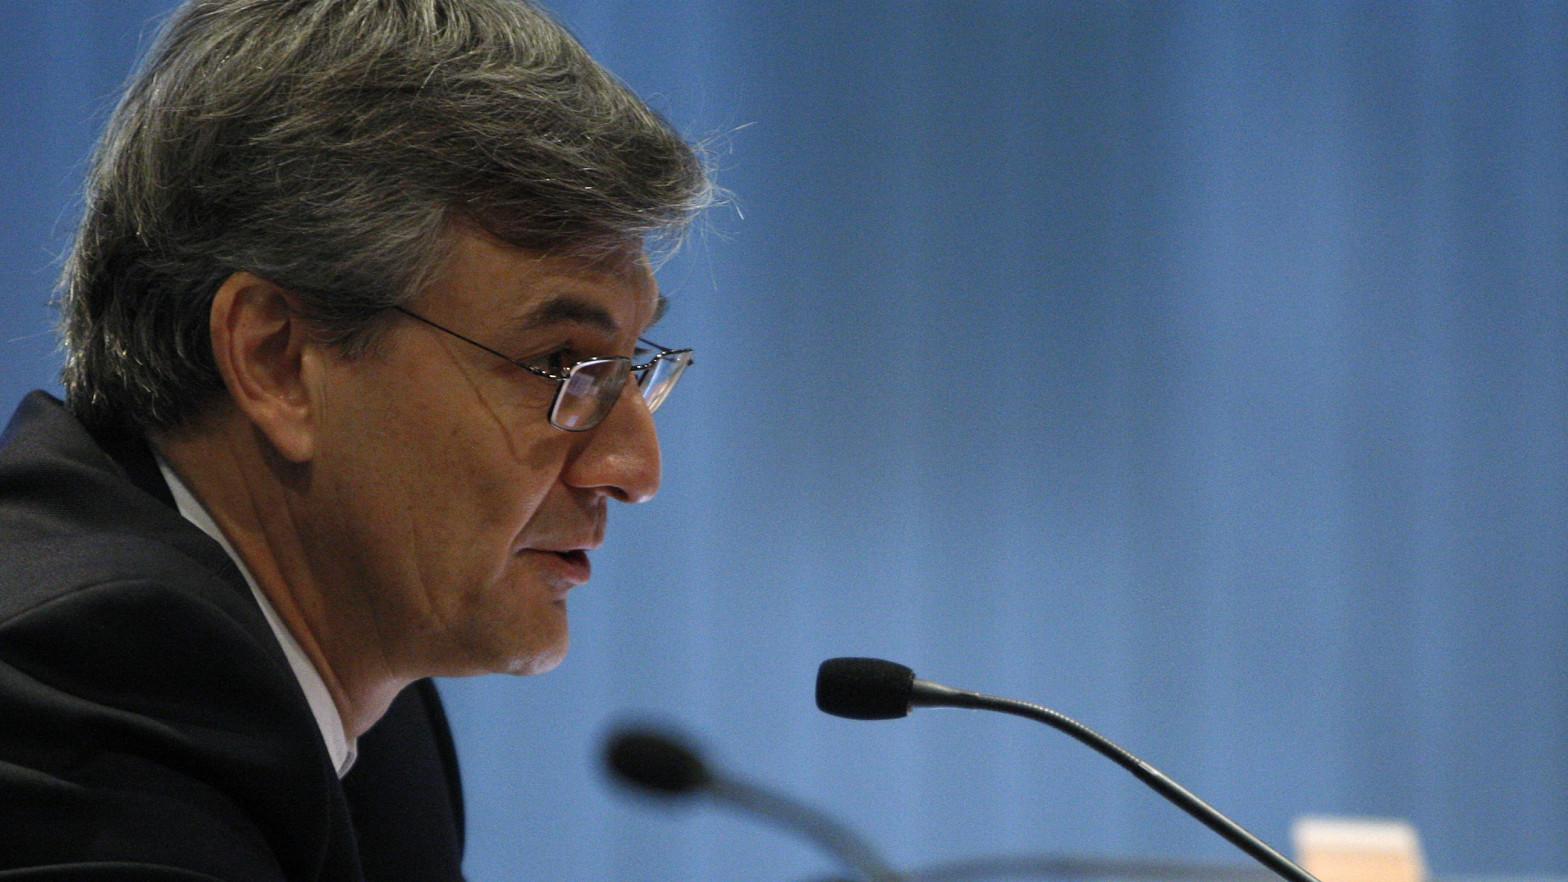 Deloitte elige España para implantar su Centro de Desarrollo Tecnológico en EMEA